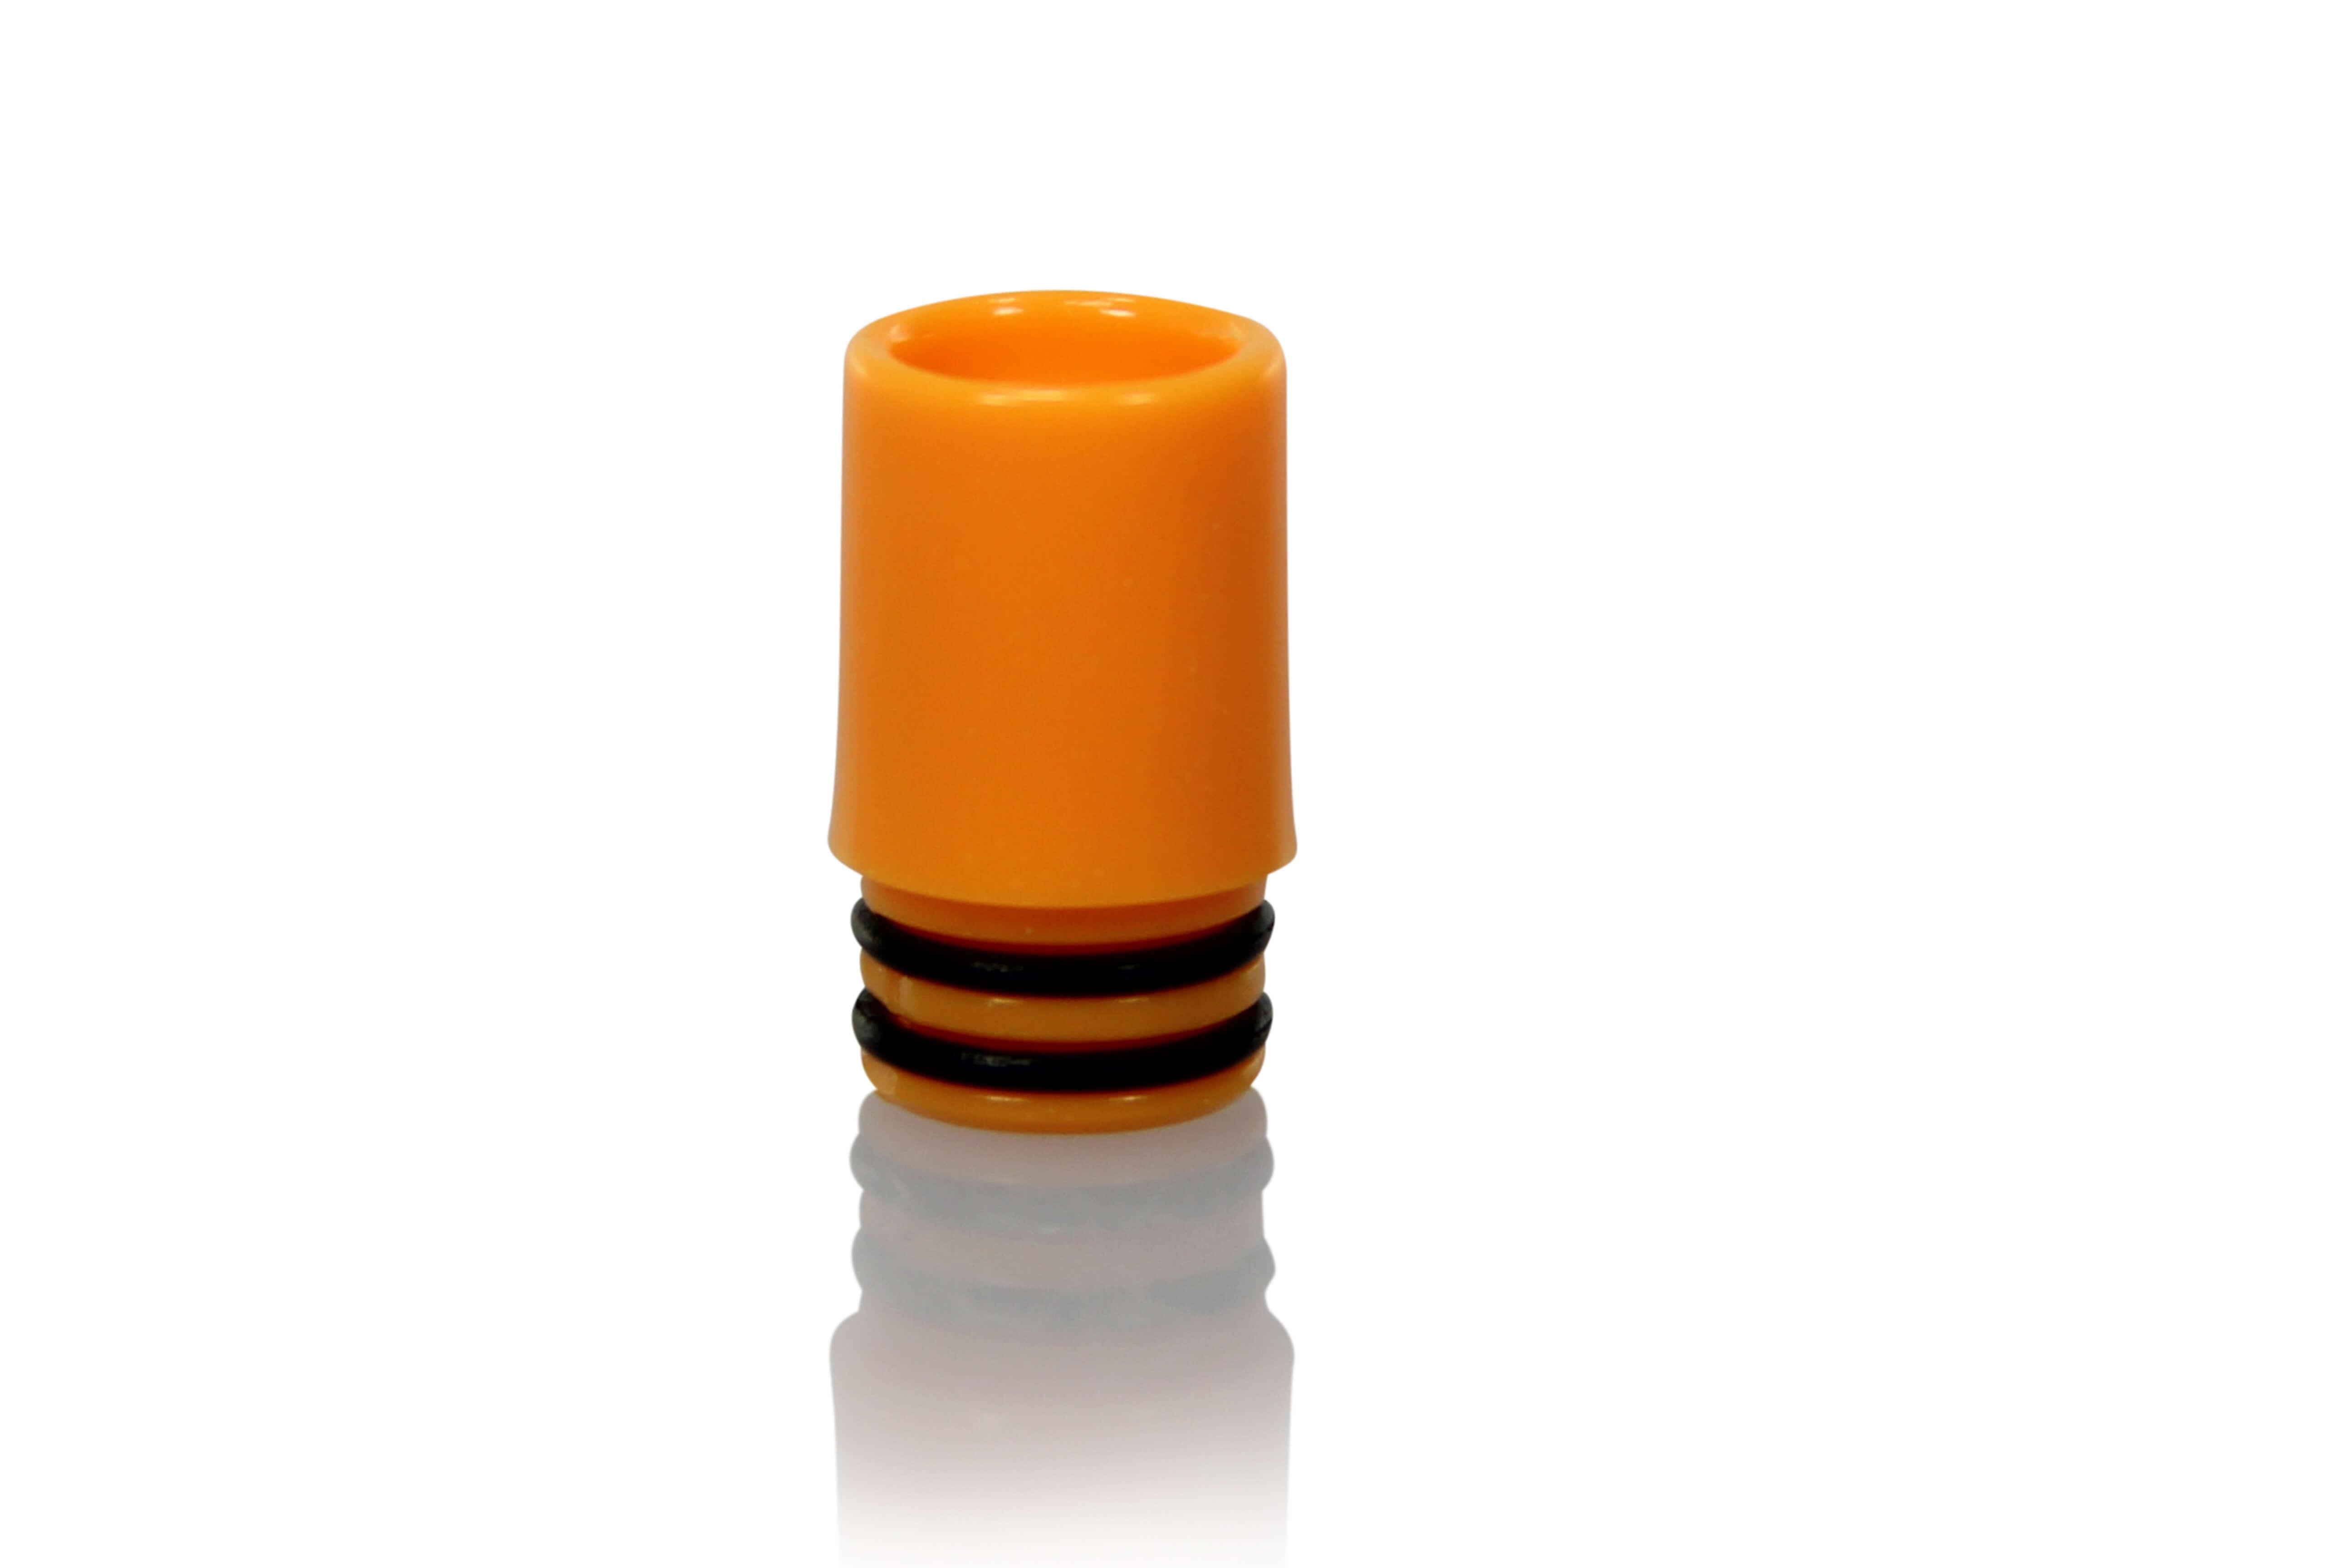 InnoCigs Spiral Mundstück orange (5 Stück pro Packung)